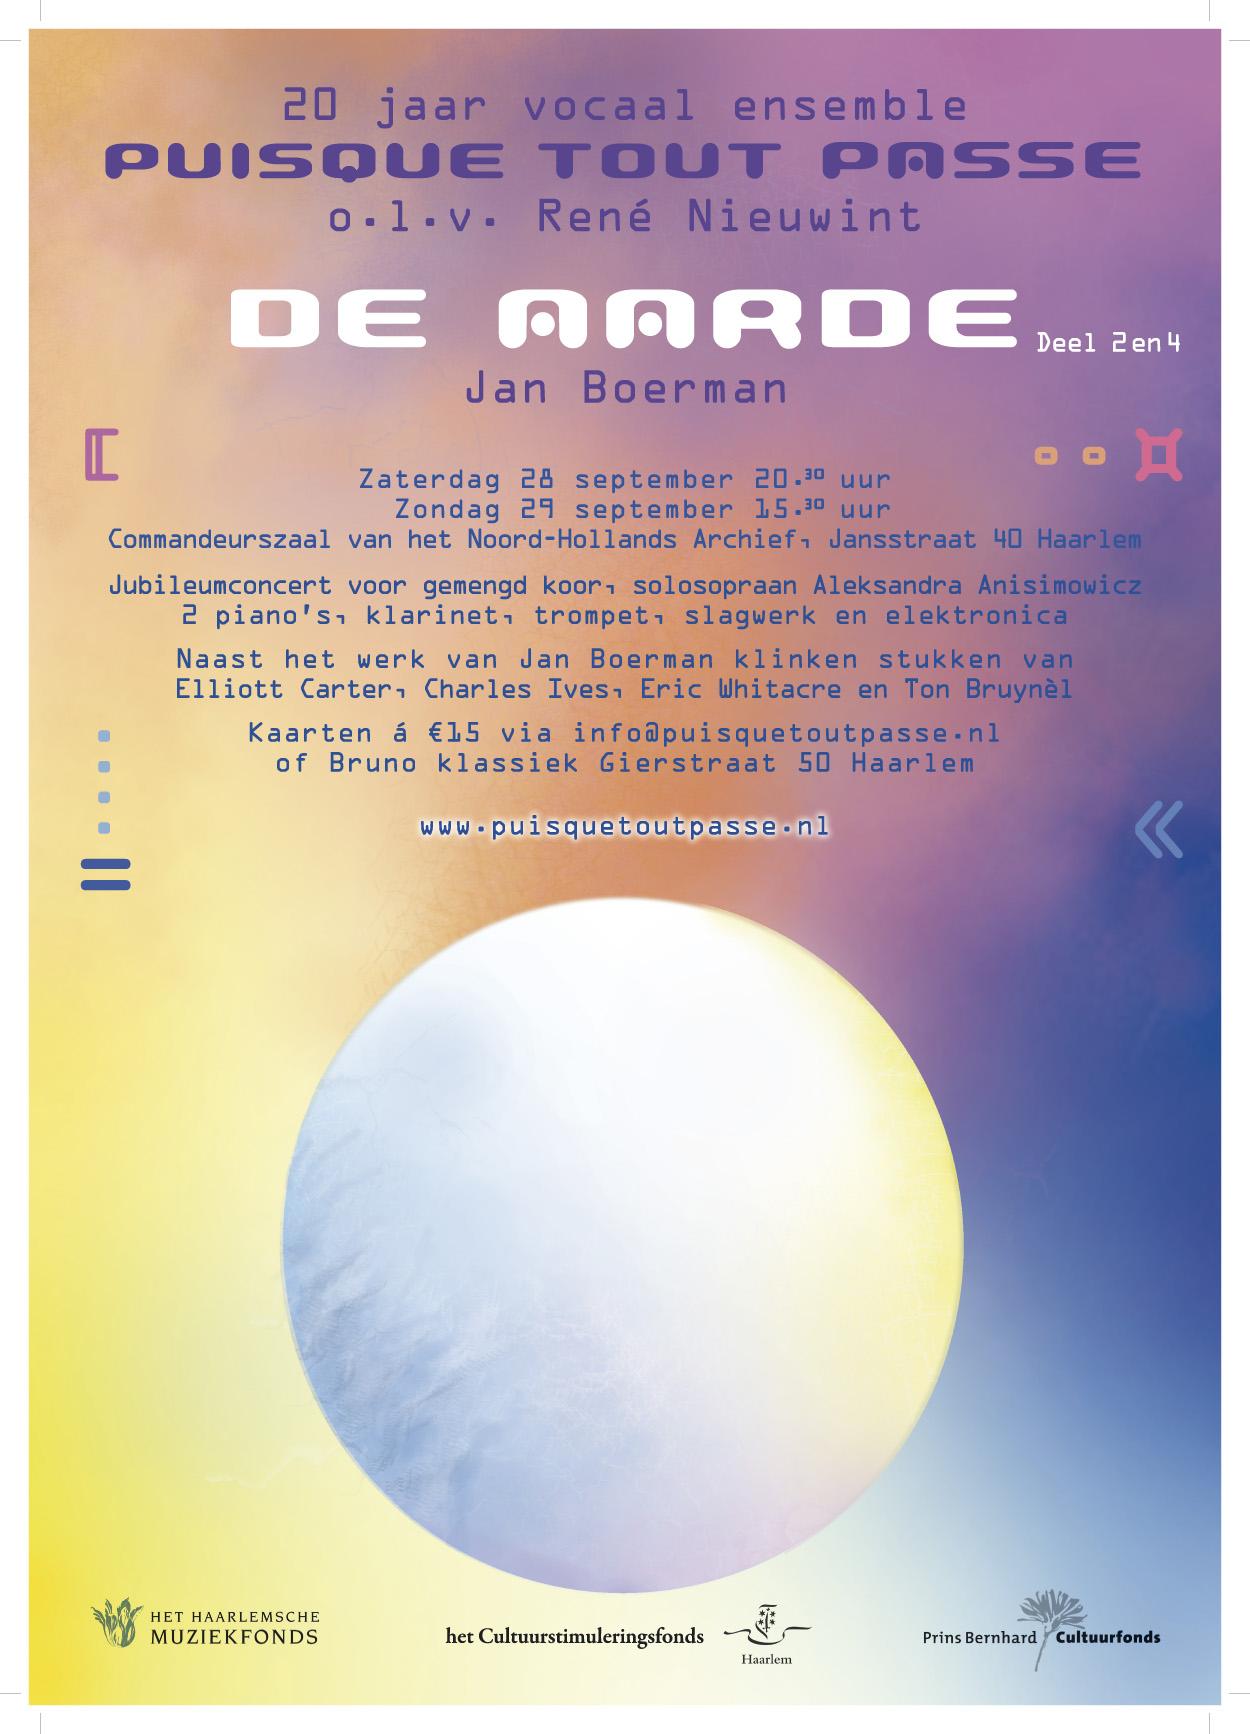 2013 De Aarde